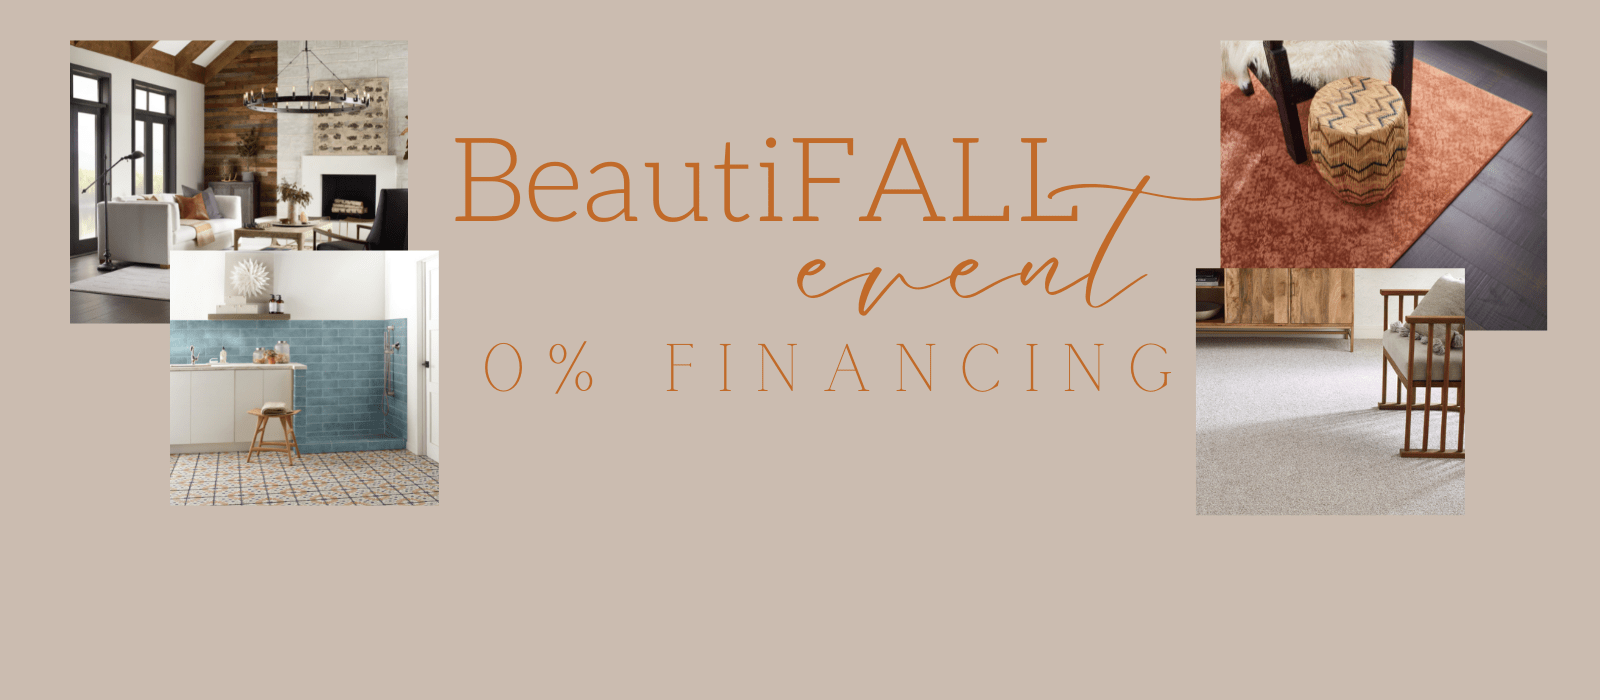 BeautiFALL-Event | Atlanta Flooring Design Centers Inc